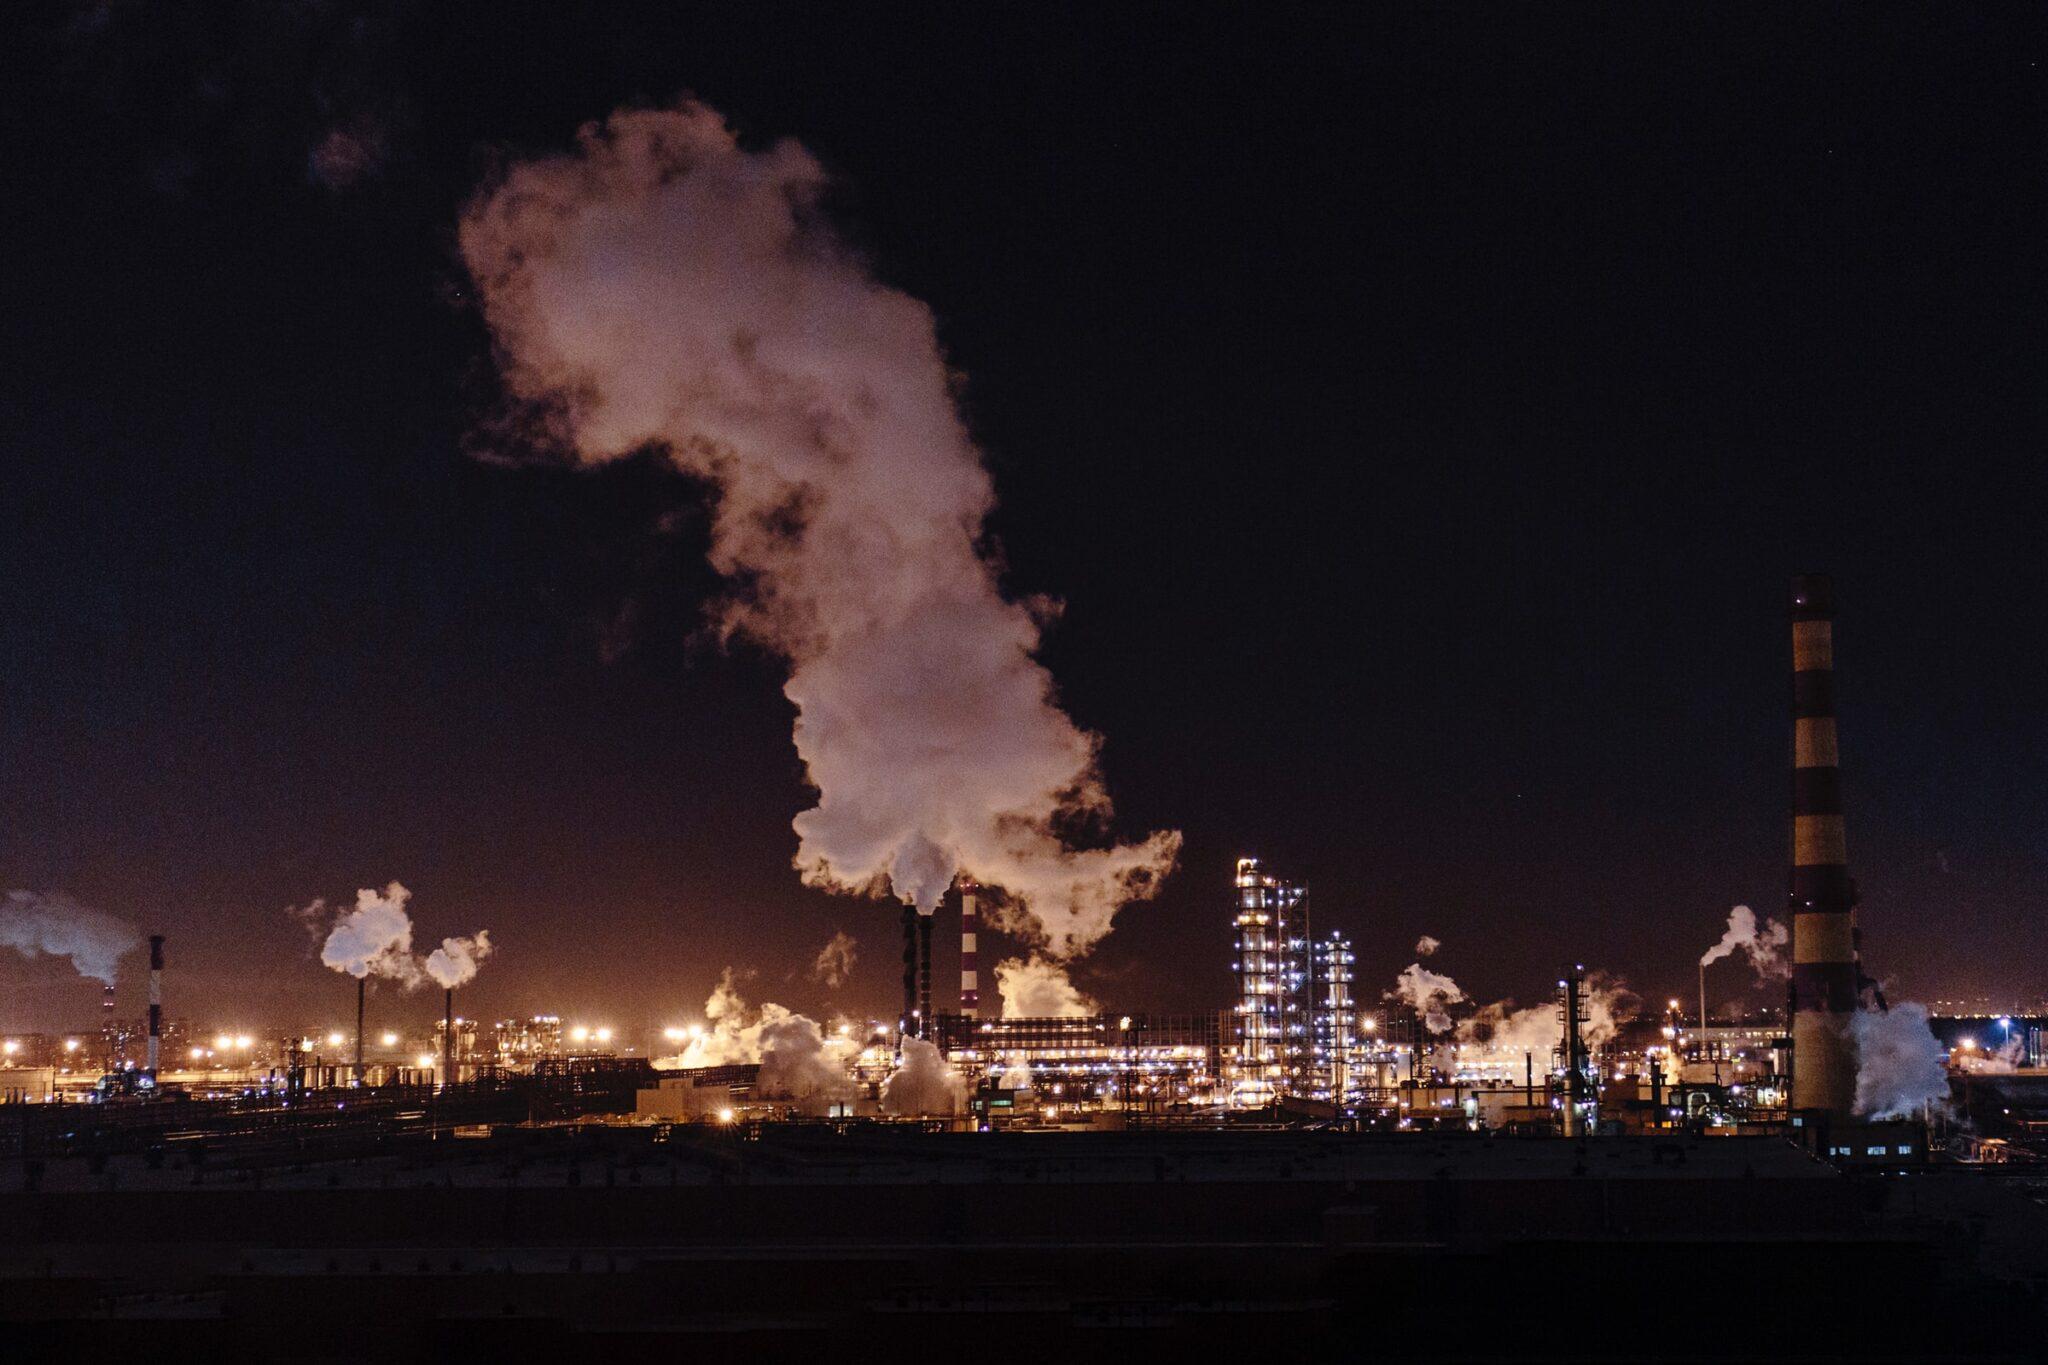 Fabriklandschaft mit viel Rauch bei Nacht mit viel Beleuchtung